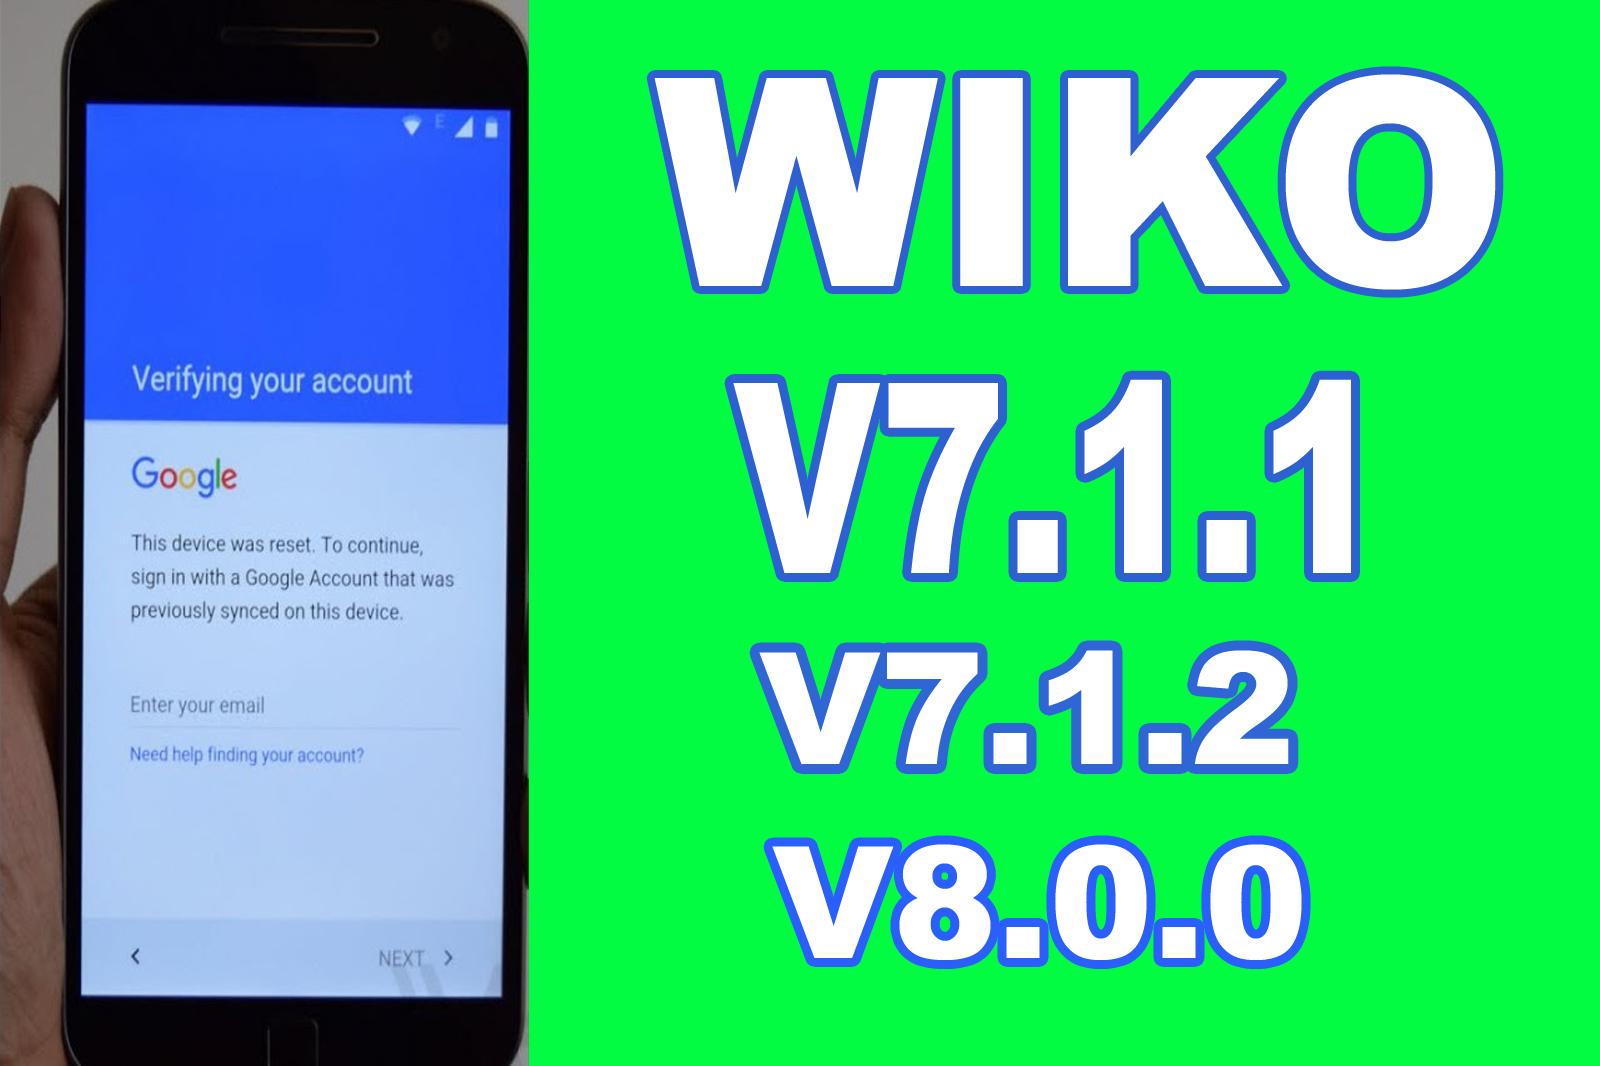 bypass google account ON WIKO V7 1 1 ,V7 1 2,V8 0 0 | Team Gsm net